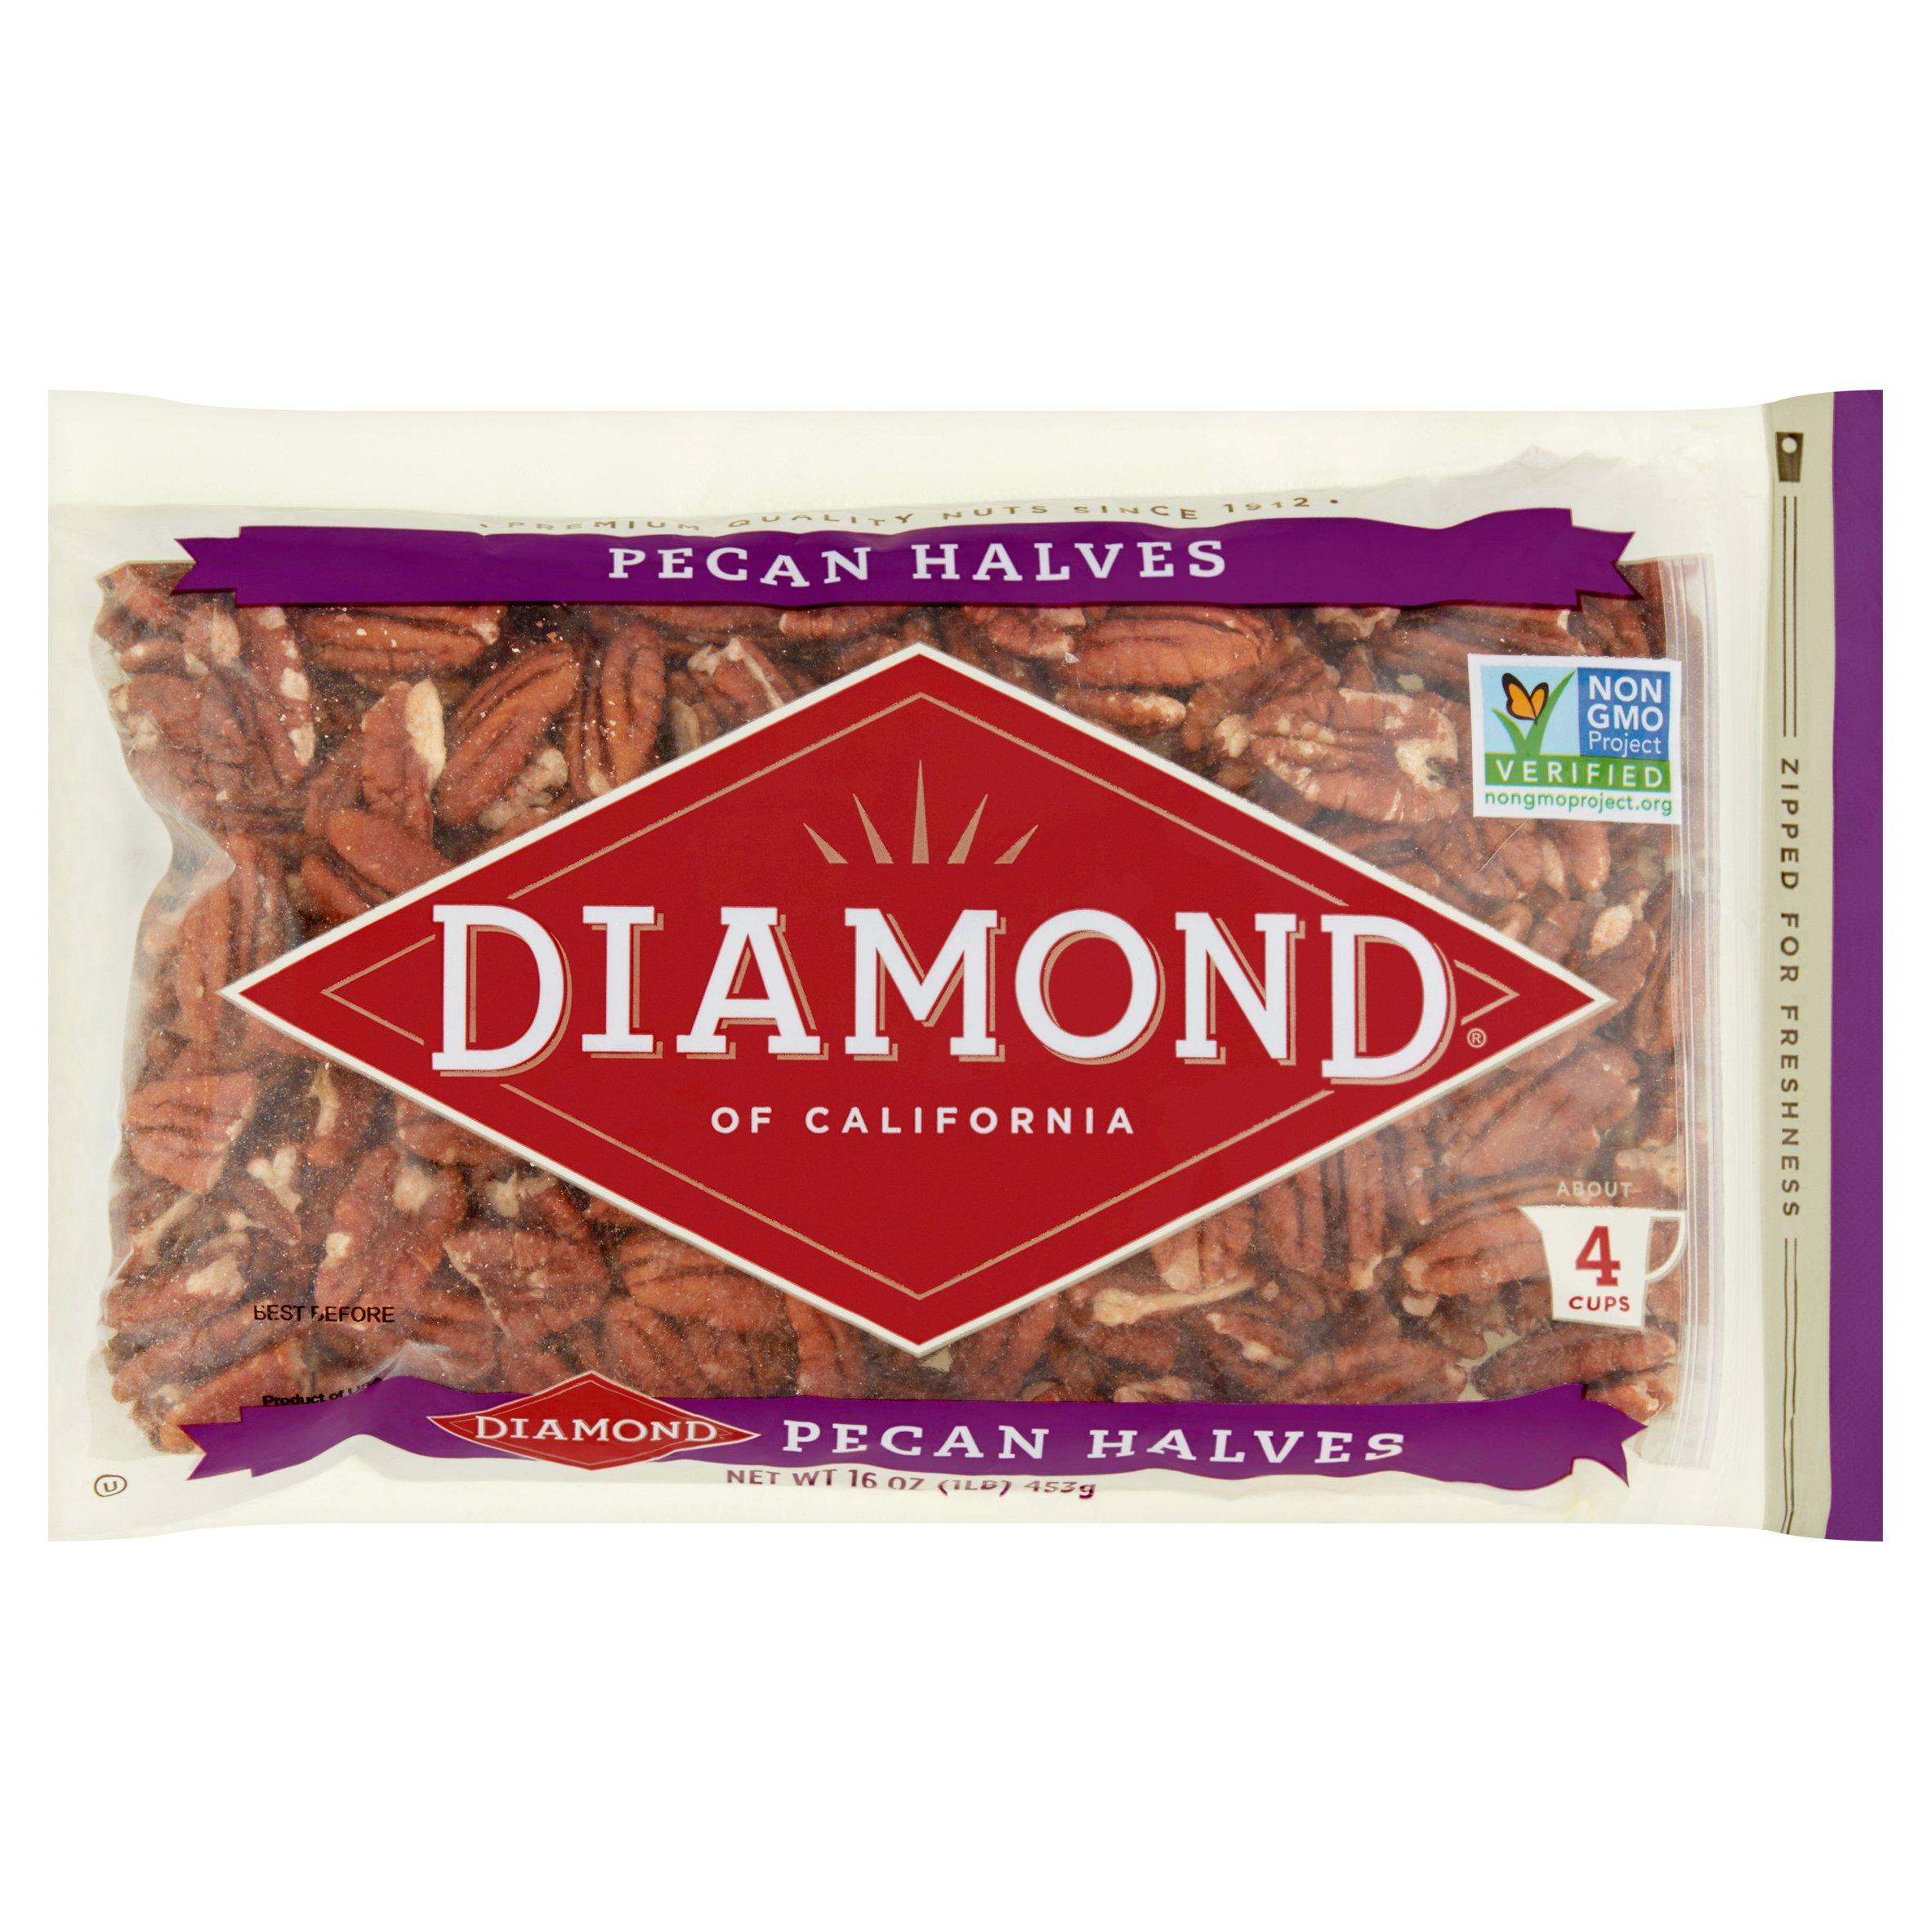 Diamond of California Pecan Halves, 16.0 OZ by Diamond Foods, Inc.